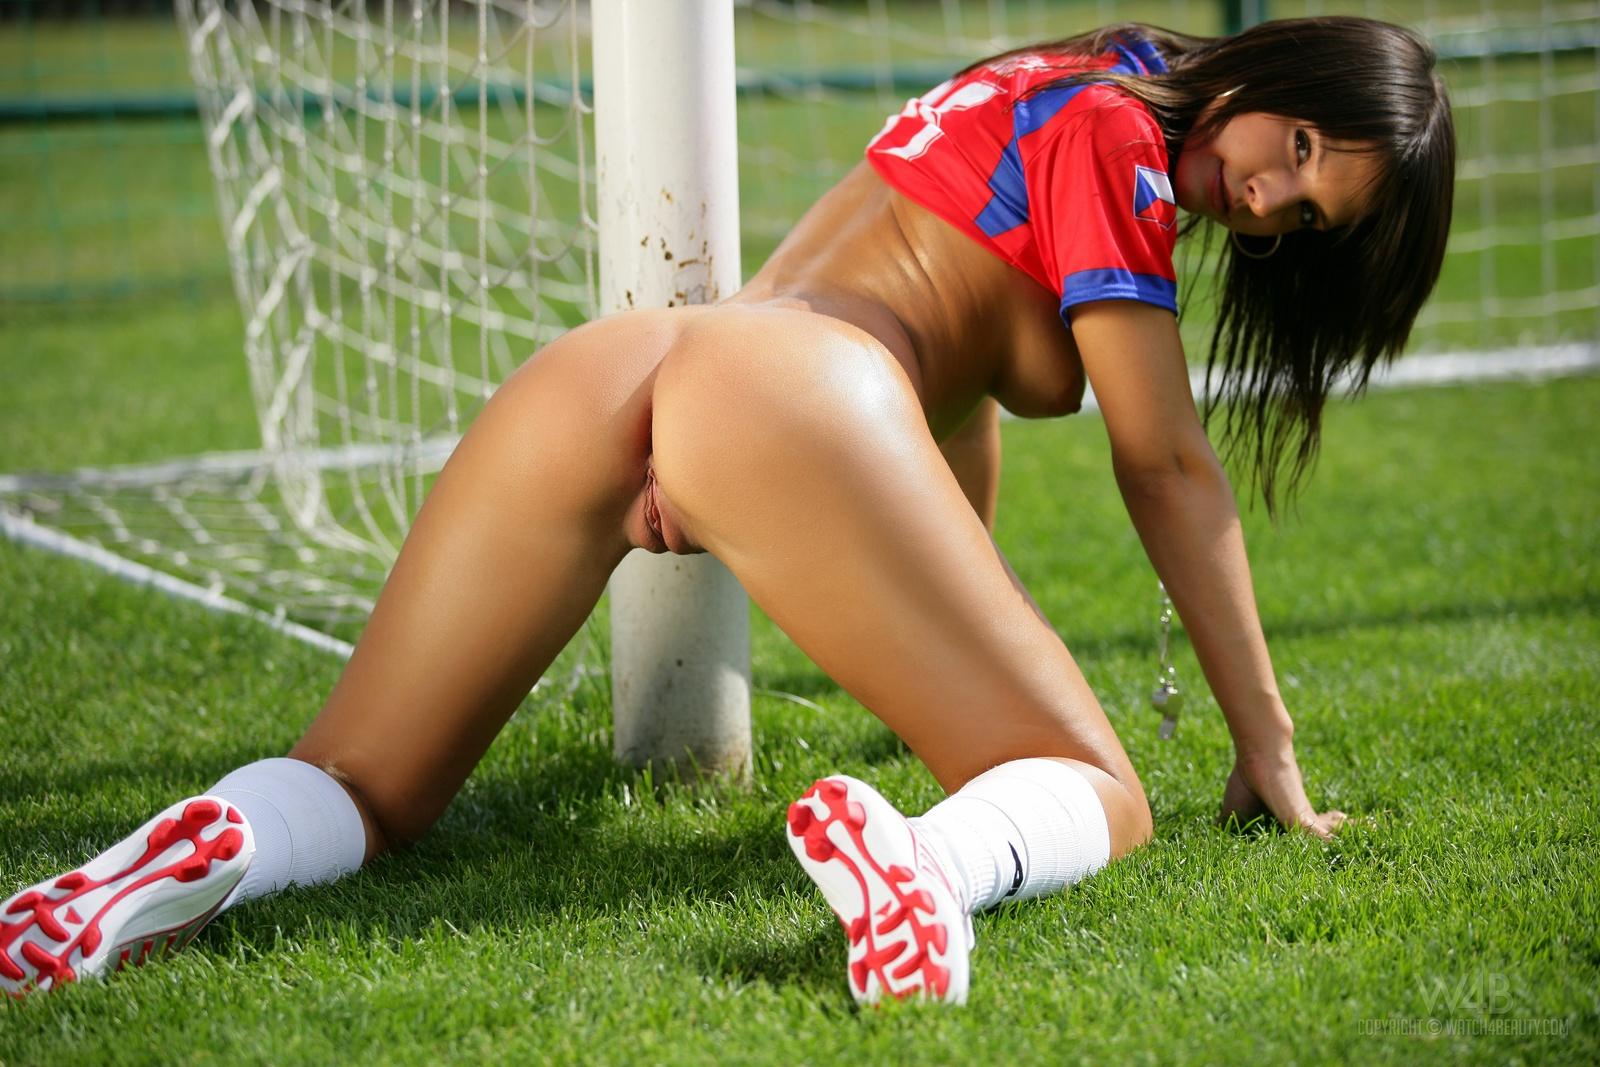 soccer-girl-pussy-lips